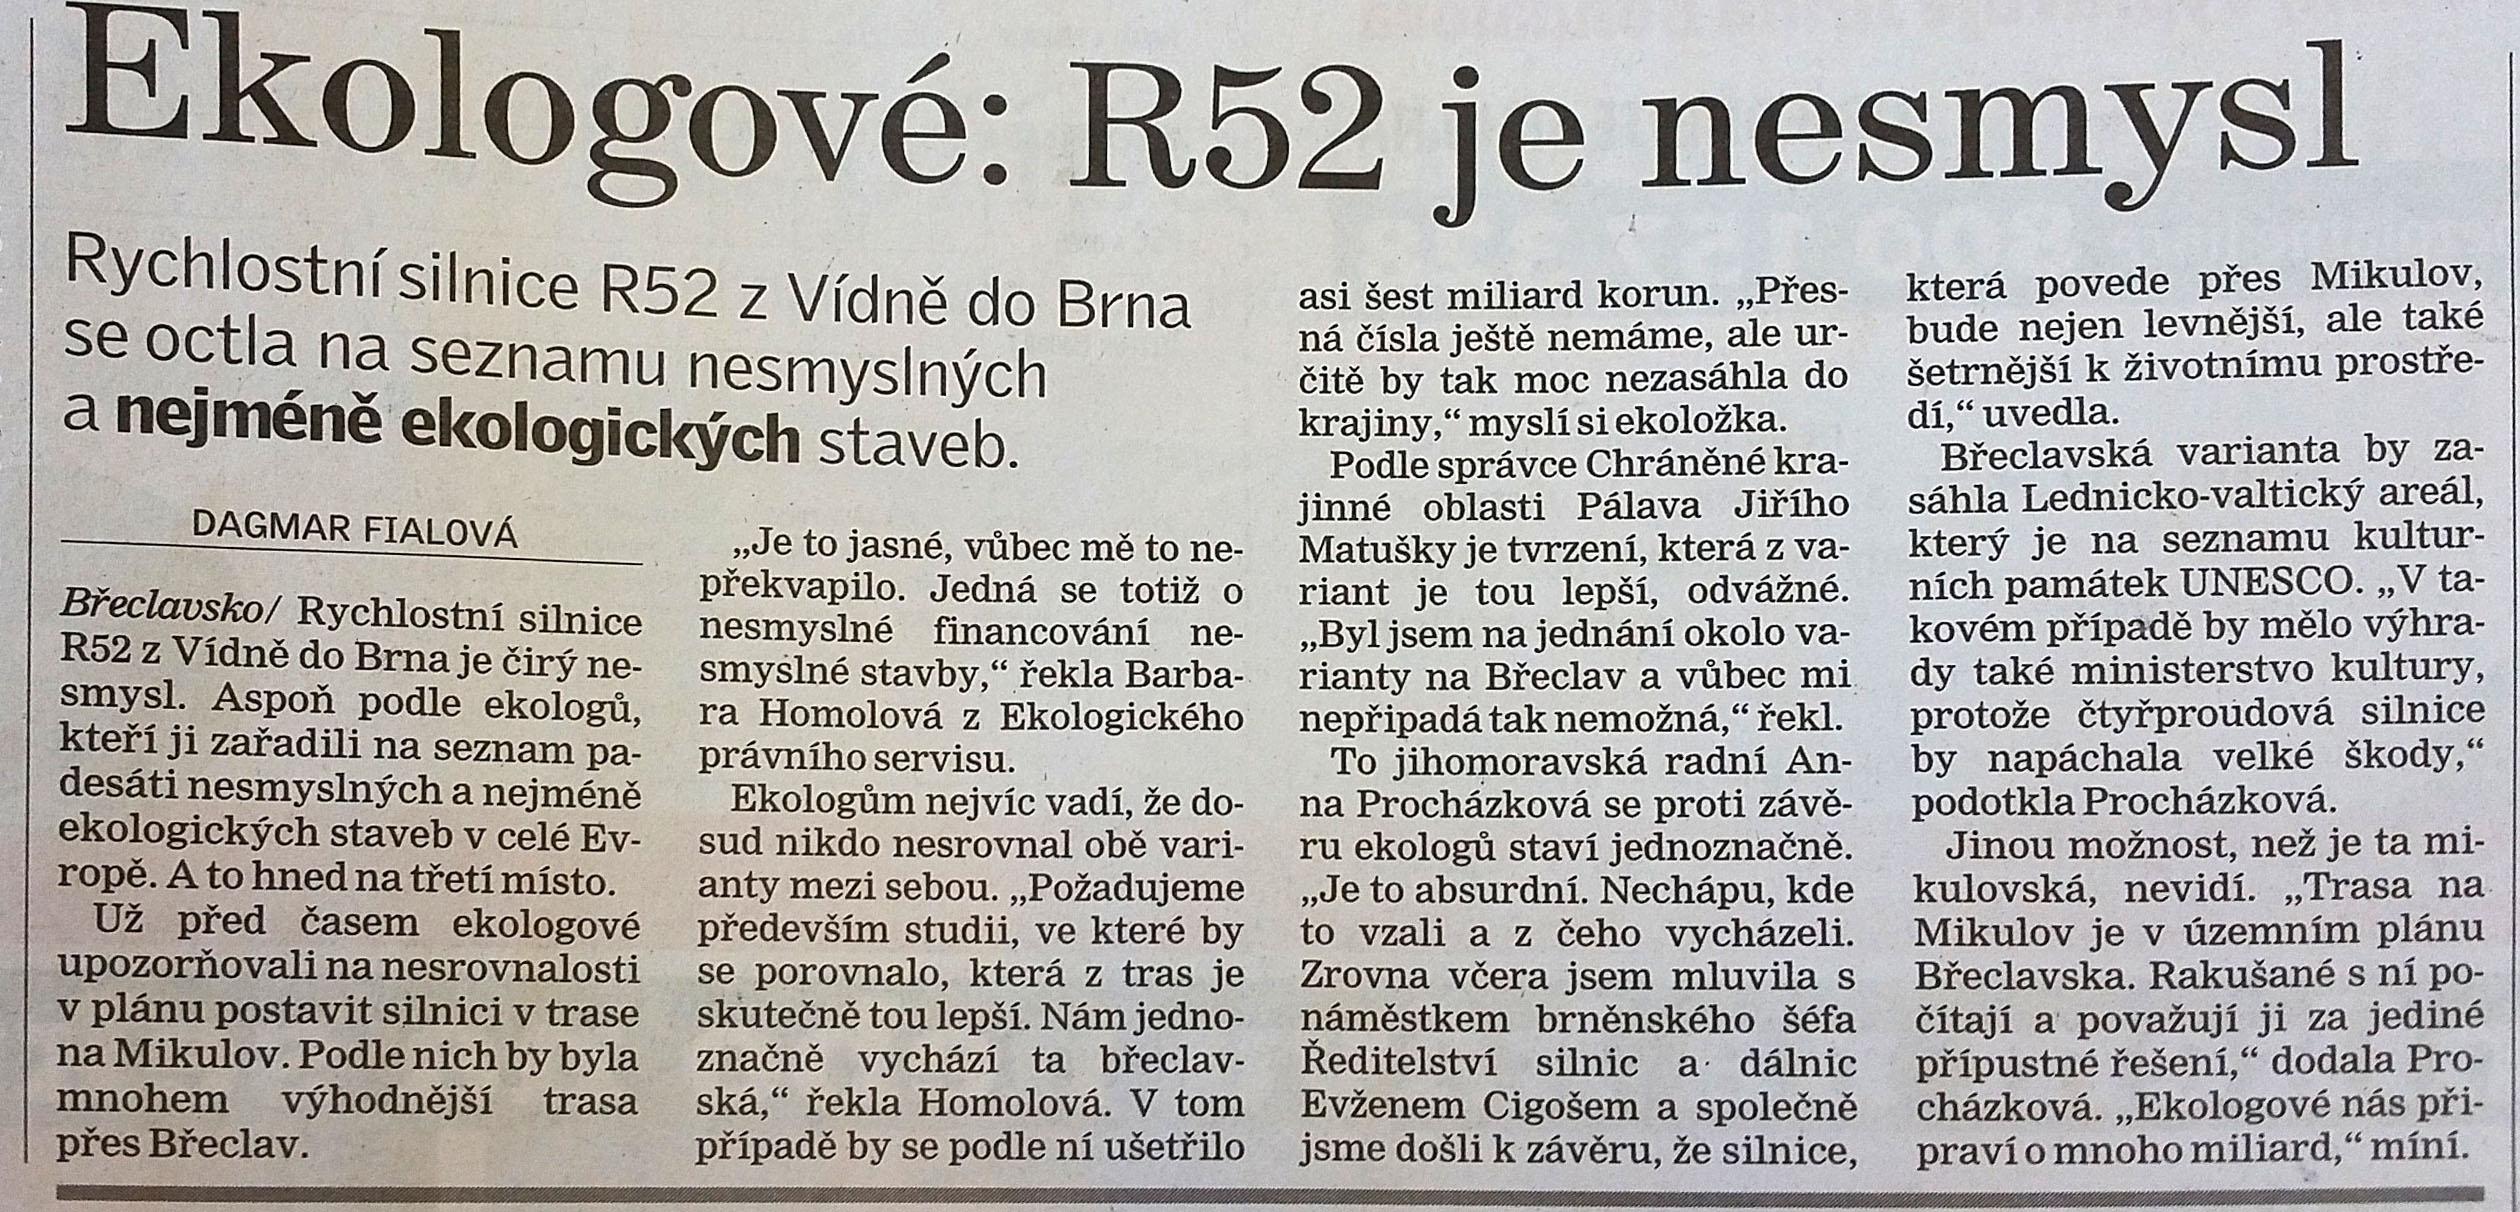 Dálnice Brno - Bystrc, Rovnost ze dne 27.února 2008